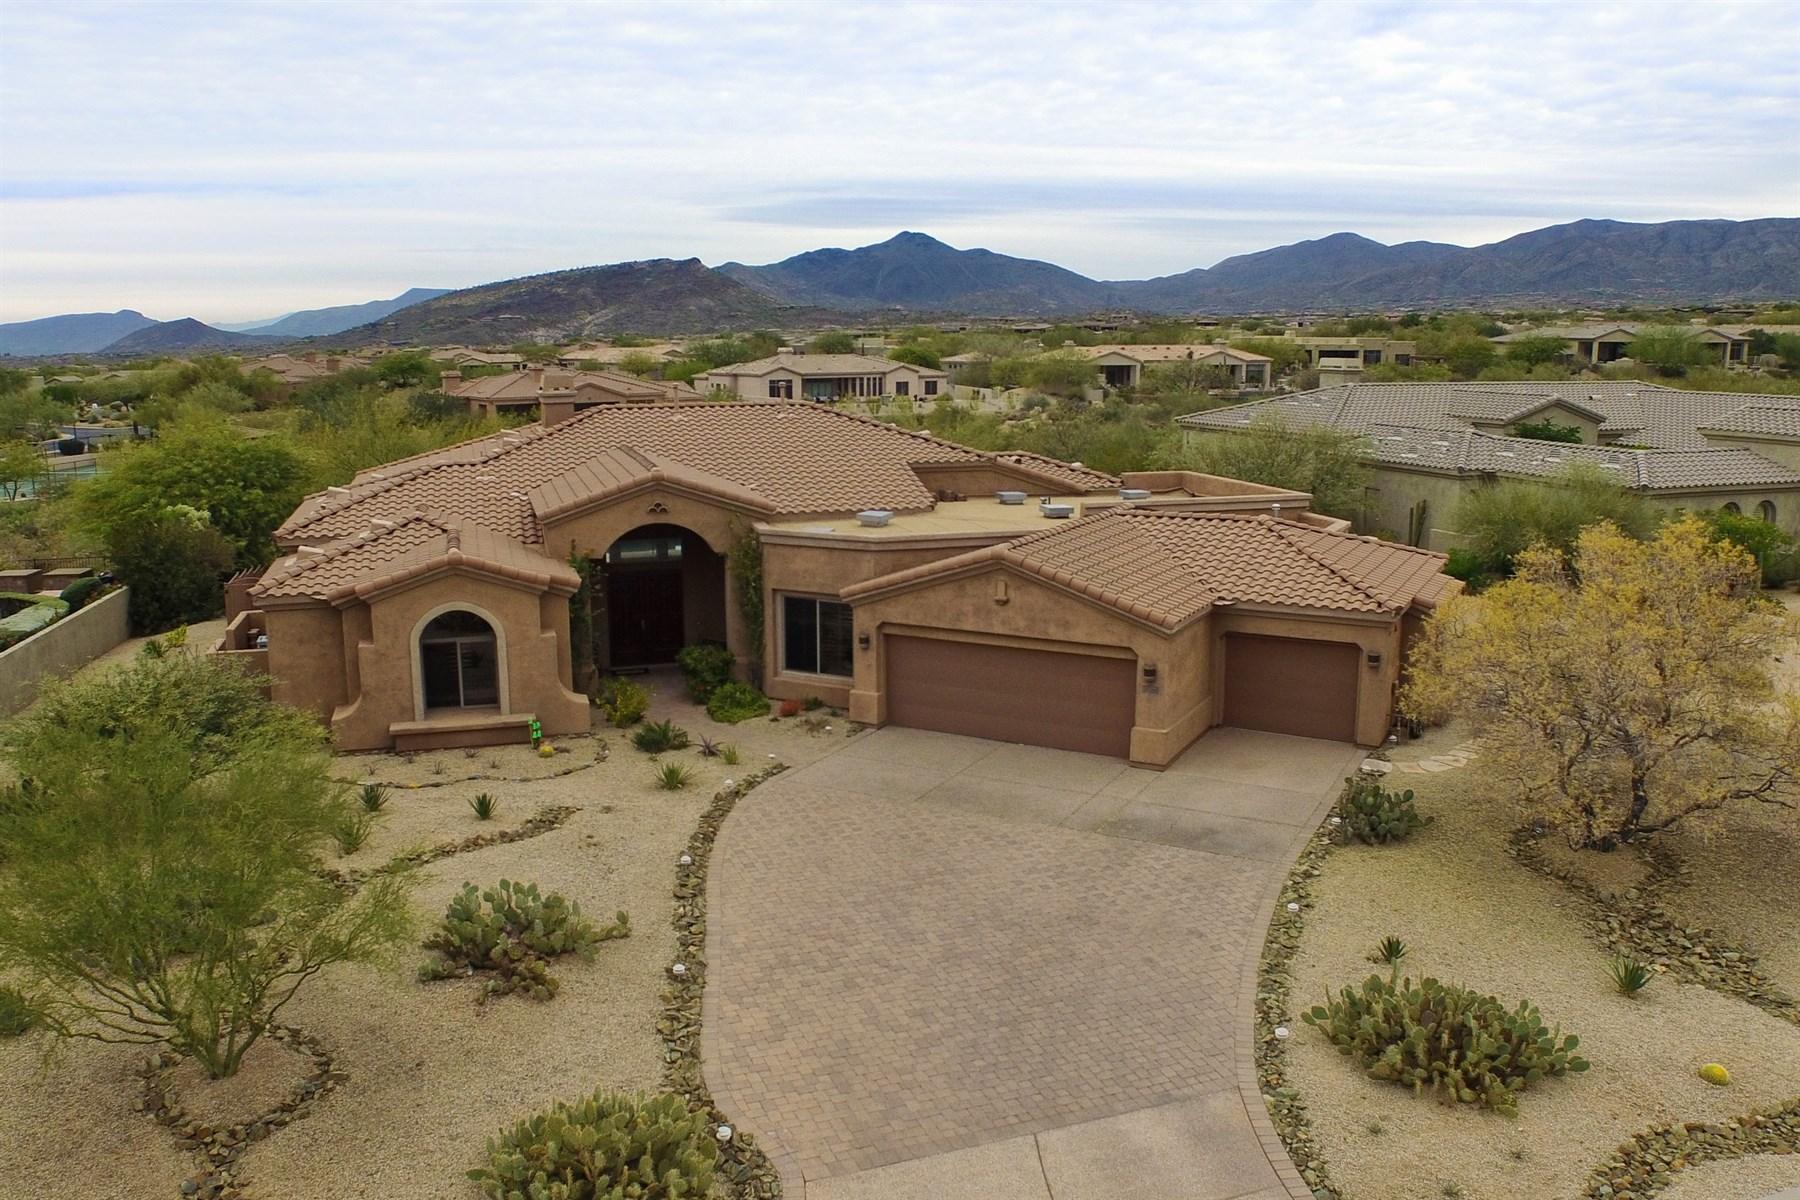 Tek Ailelik Ev için Satış at Beautiful North Scottsdale Home on Premium View Lot in Gated Community 10266 E Winter Sun Drive Scottsdale, Arizona 85262 Amerika Birleşik Devletleri